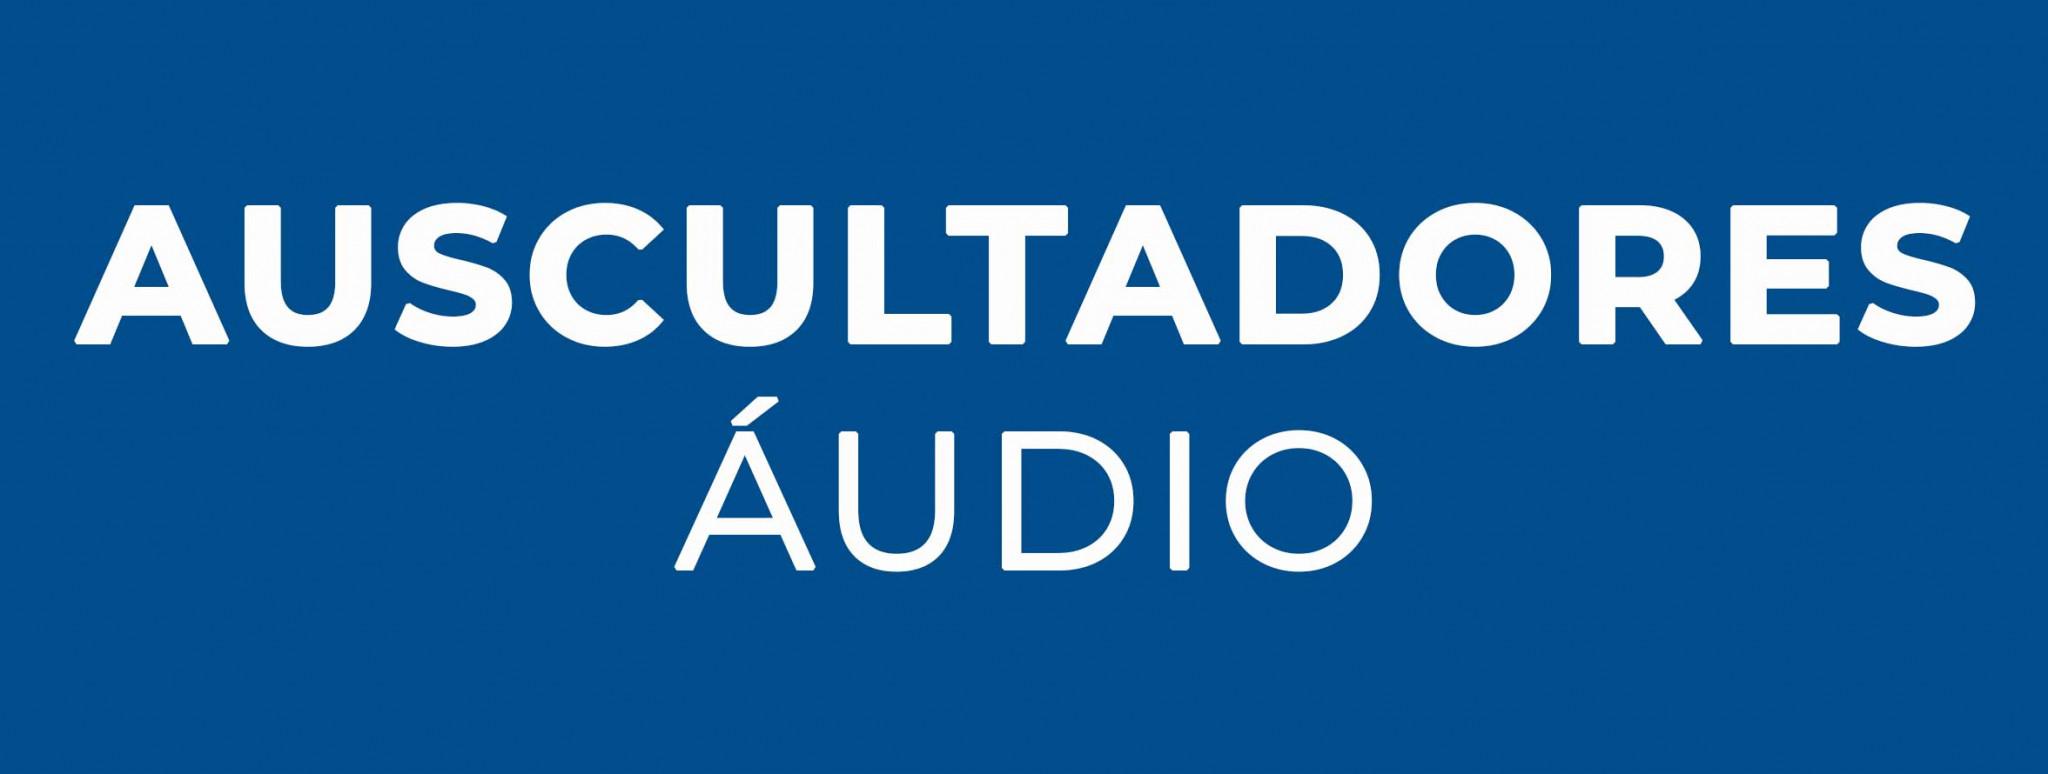 Auscultadores Áudio